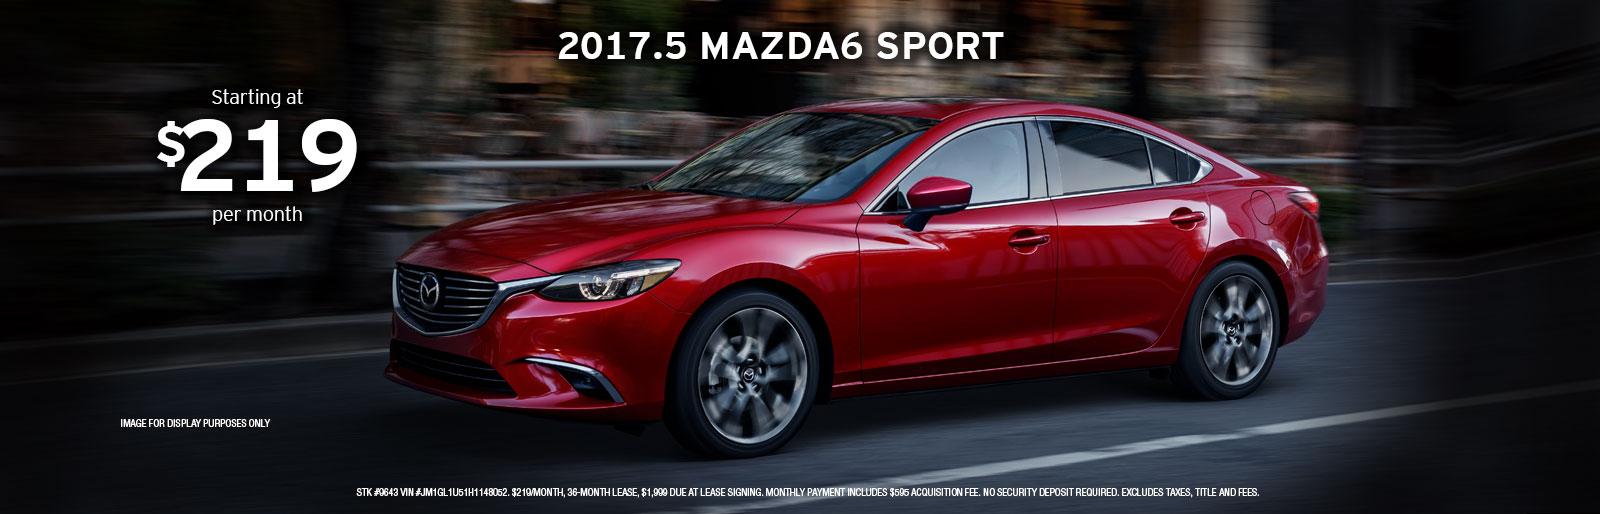 Sandy Sansing Mazda New Cars